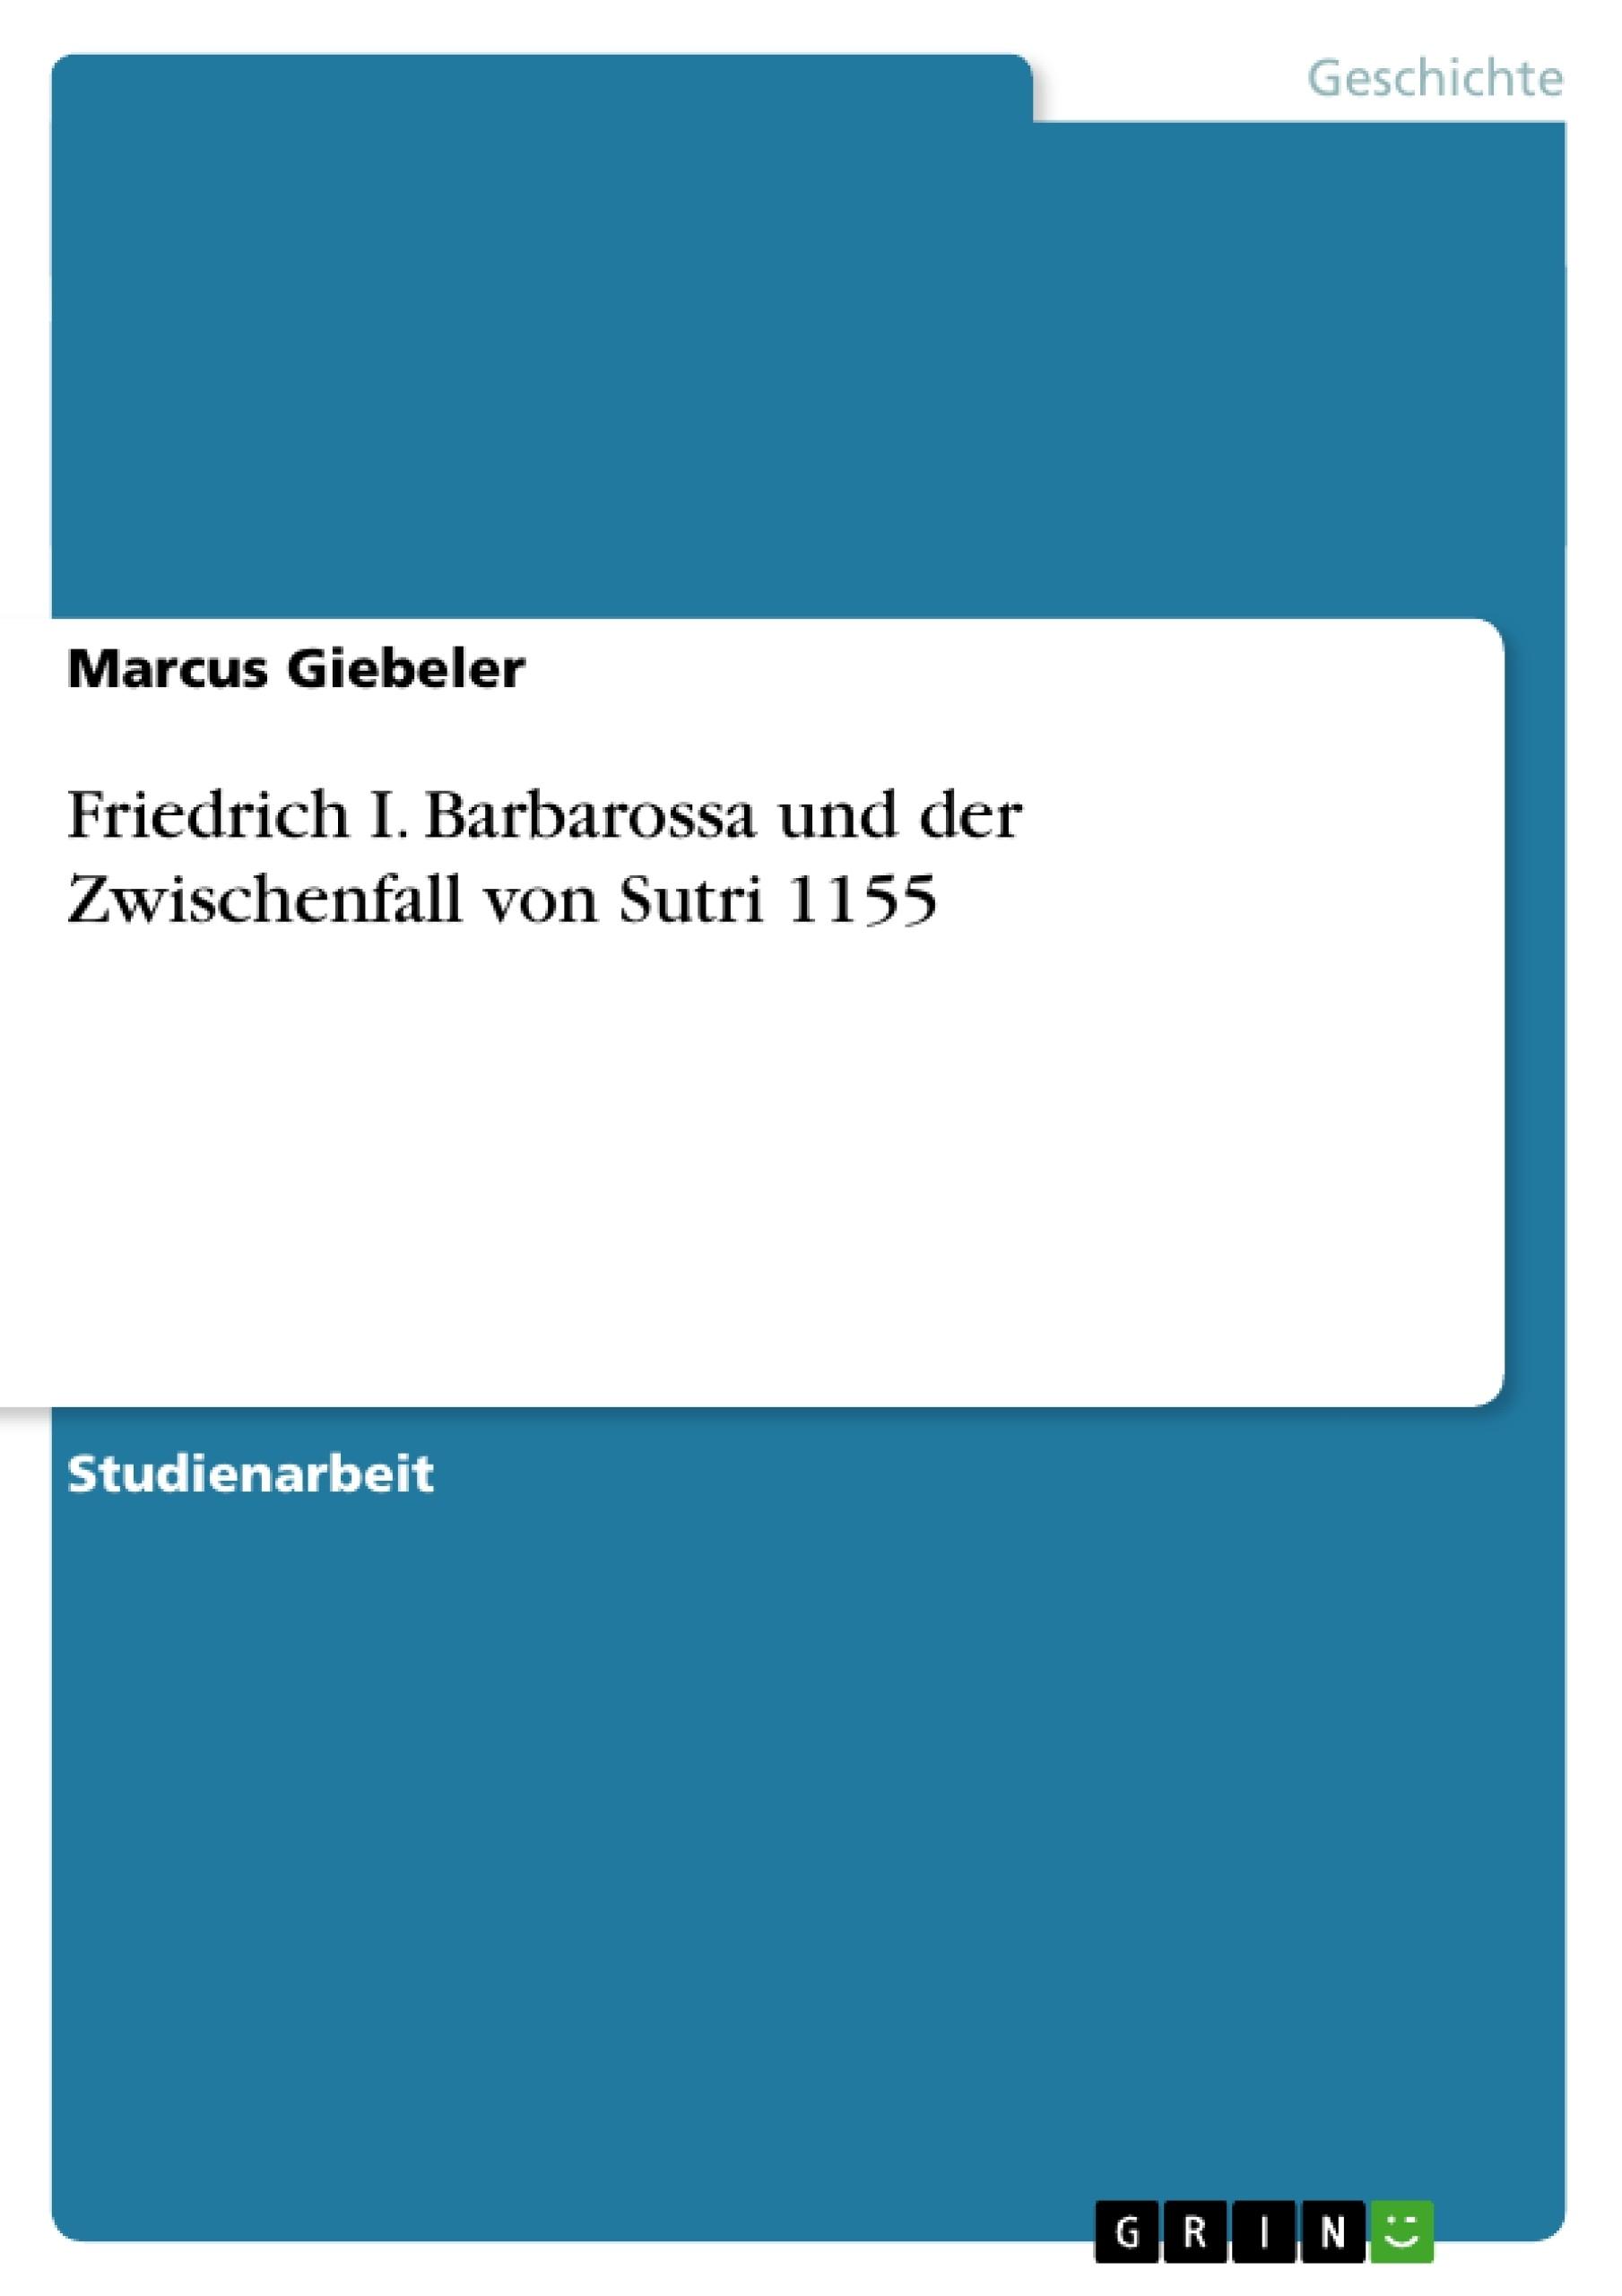 Titel: Friedrich I. Barbarossa und der Zwischenfall von Sutri 1155